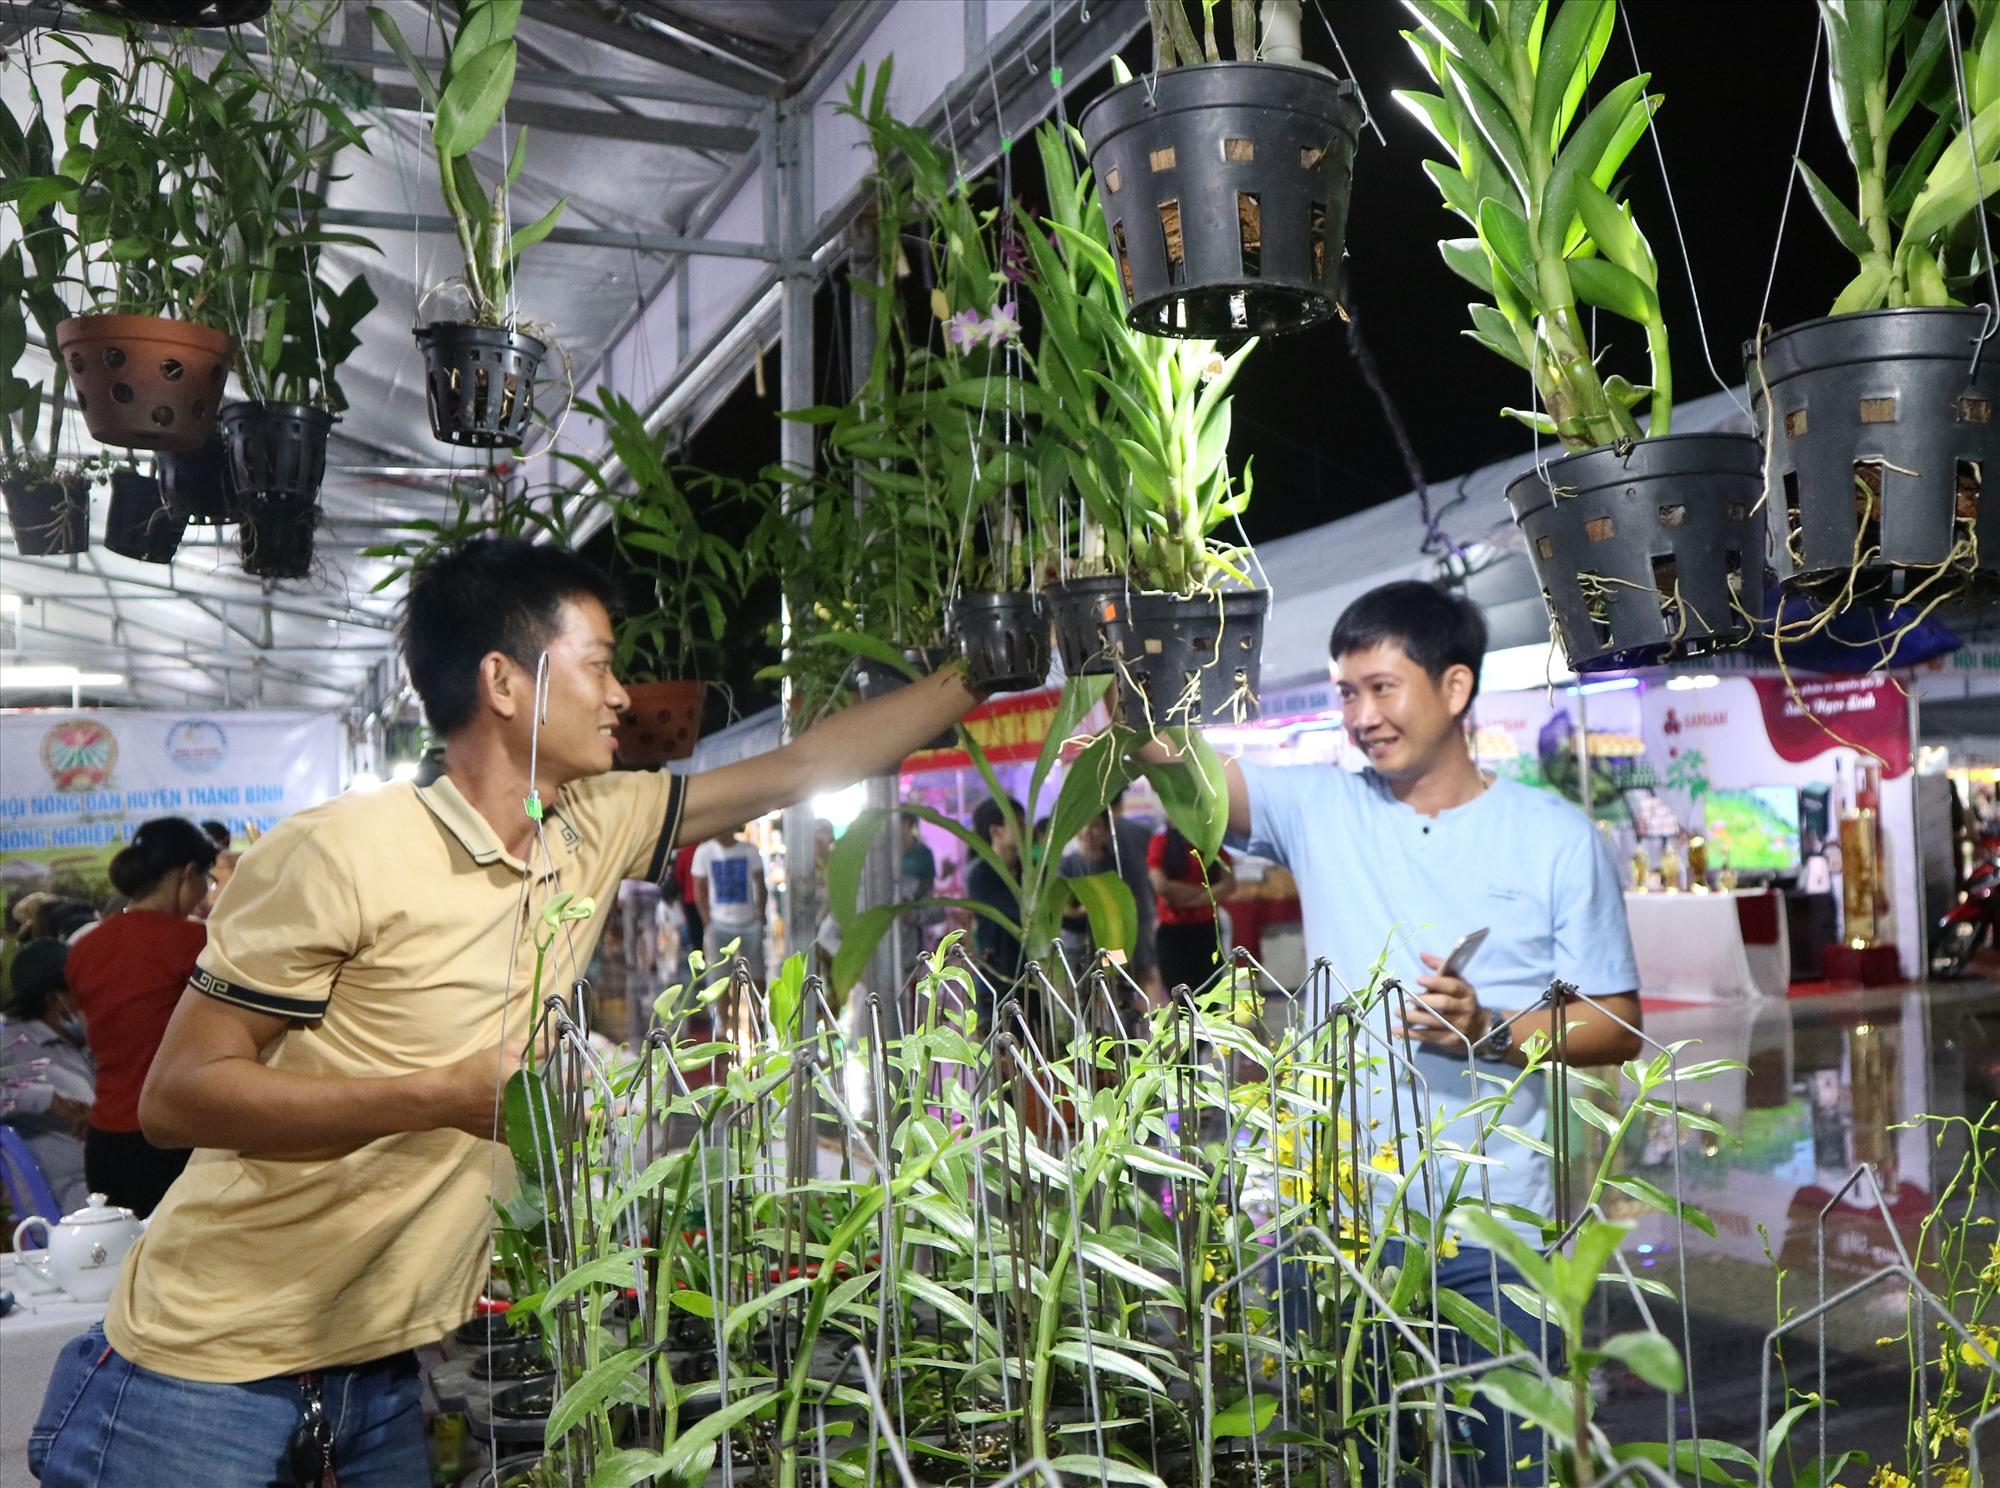 Các ngành, các cấp cần quan tâm hỗ trợ nông dân trong việc quảng bá sản phẩm, kết nối thị trường tiêu thụ.